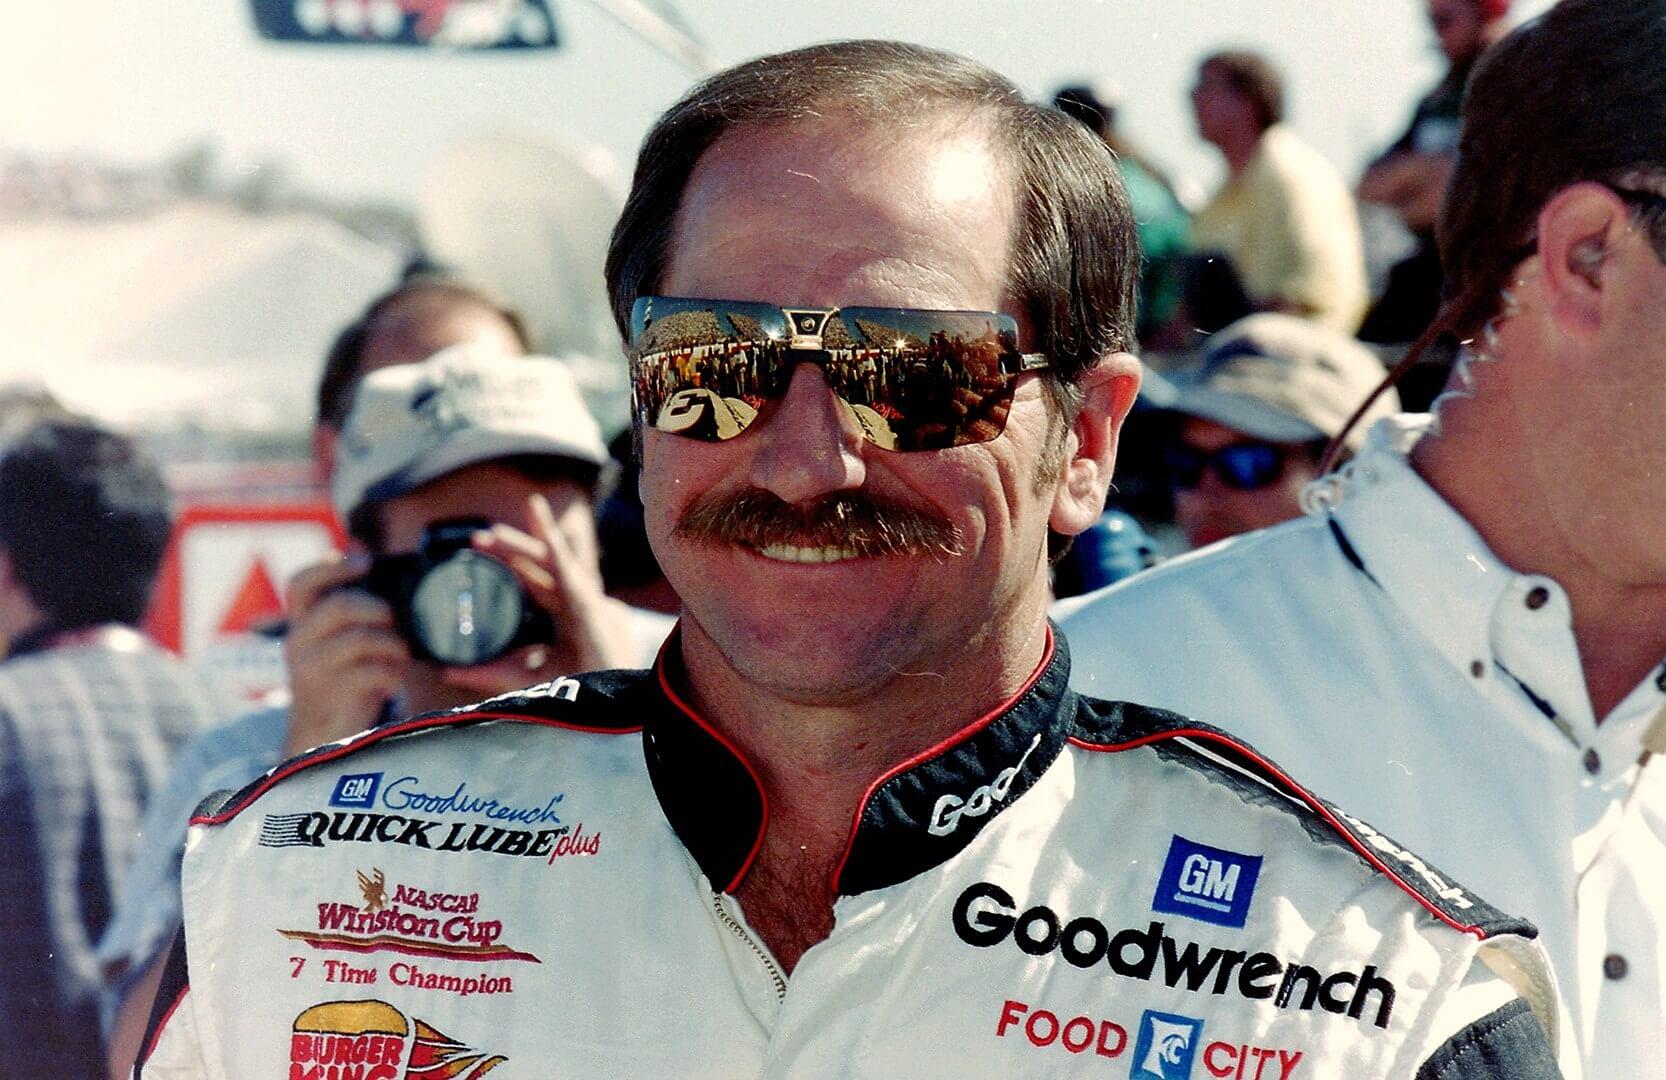 Dale Earnhardt NASCAR driver